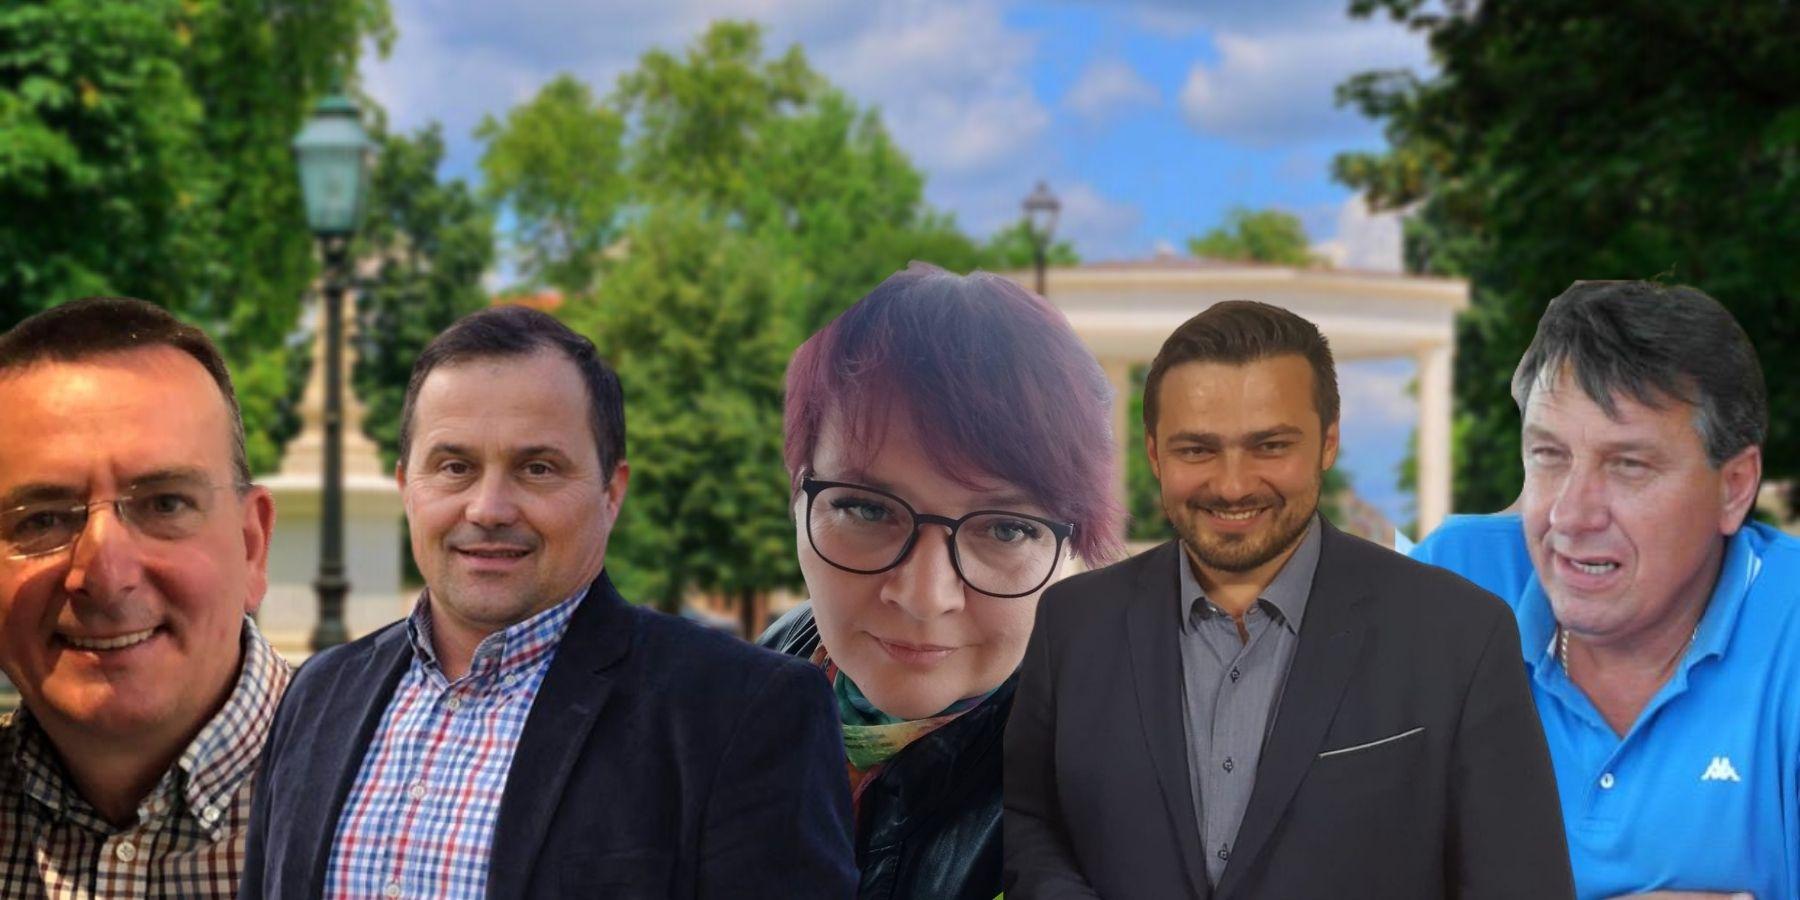 Sjećate li se kandidata za gradonačelnika Bjelovara 2017.?